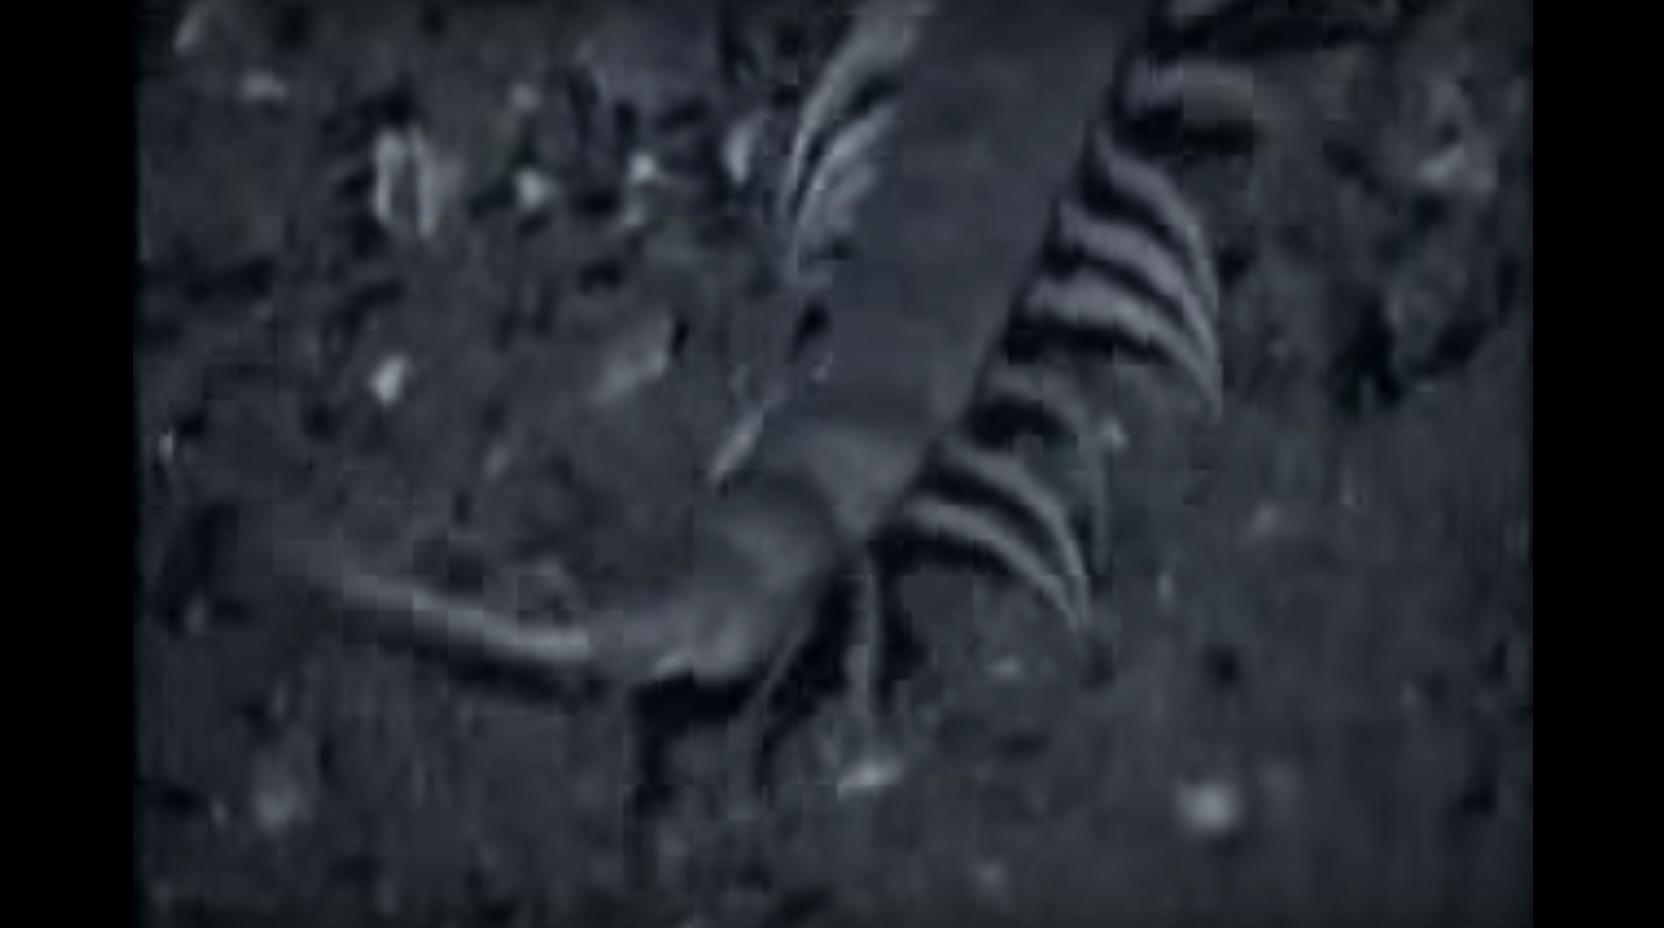 這支「巨型蜈蚣把大蝙蝠給獵殺並且吃掉」的影片會讓你重新認識蜈蚣的可怕!